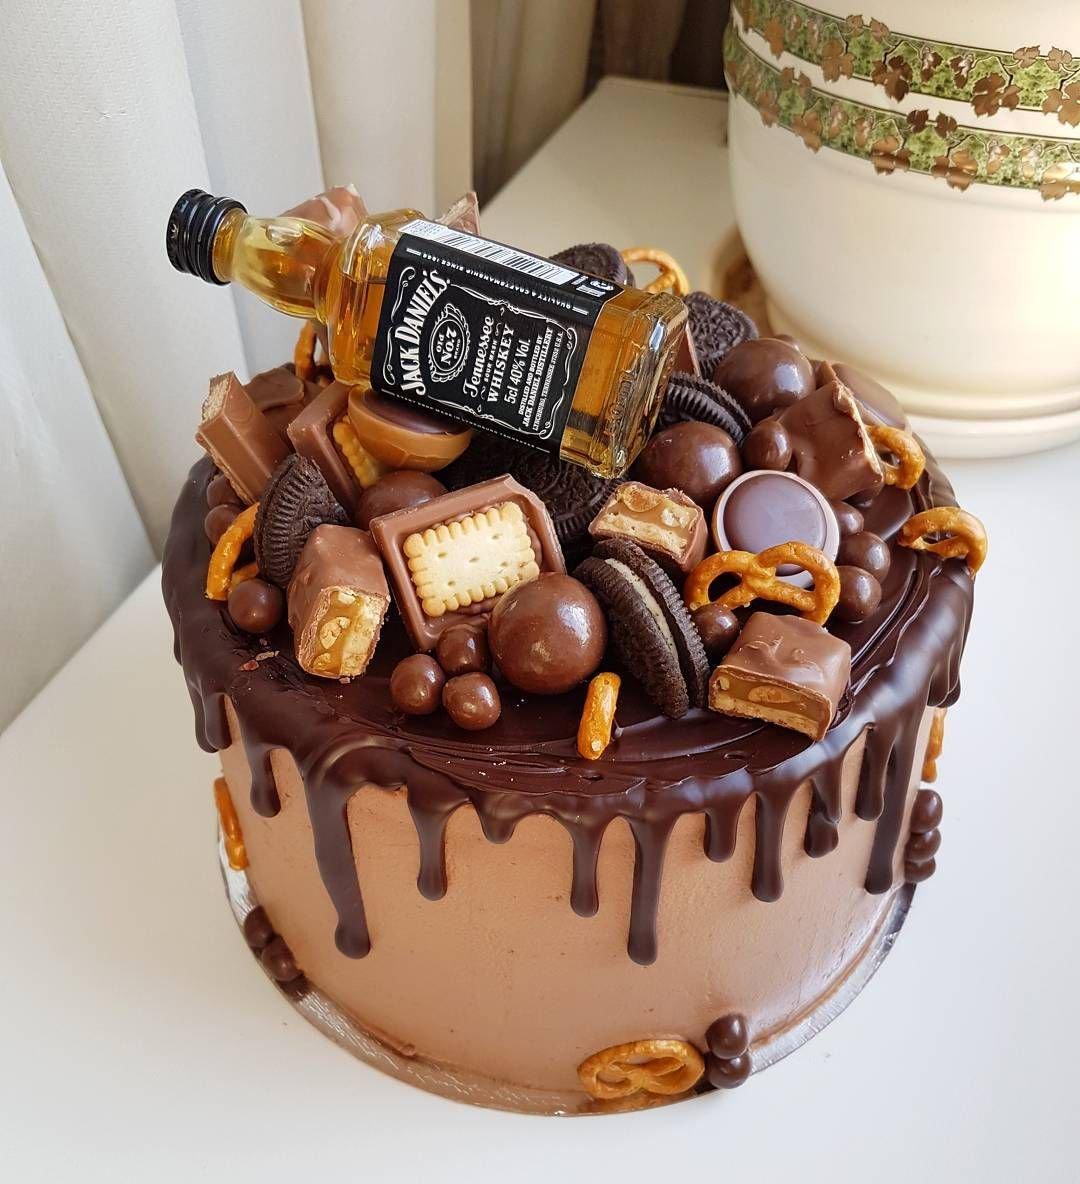 цитата видел торт для мужа фото на день рождения правы